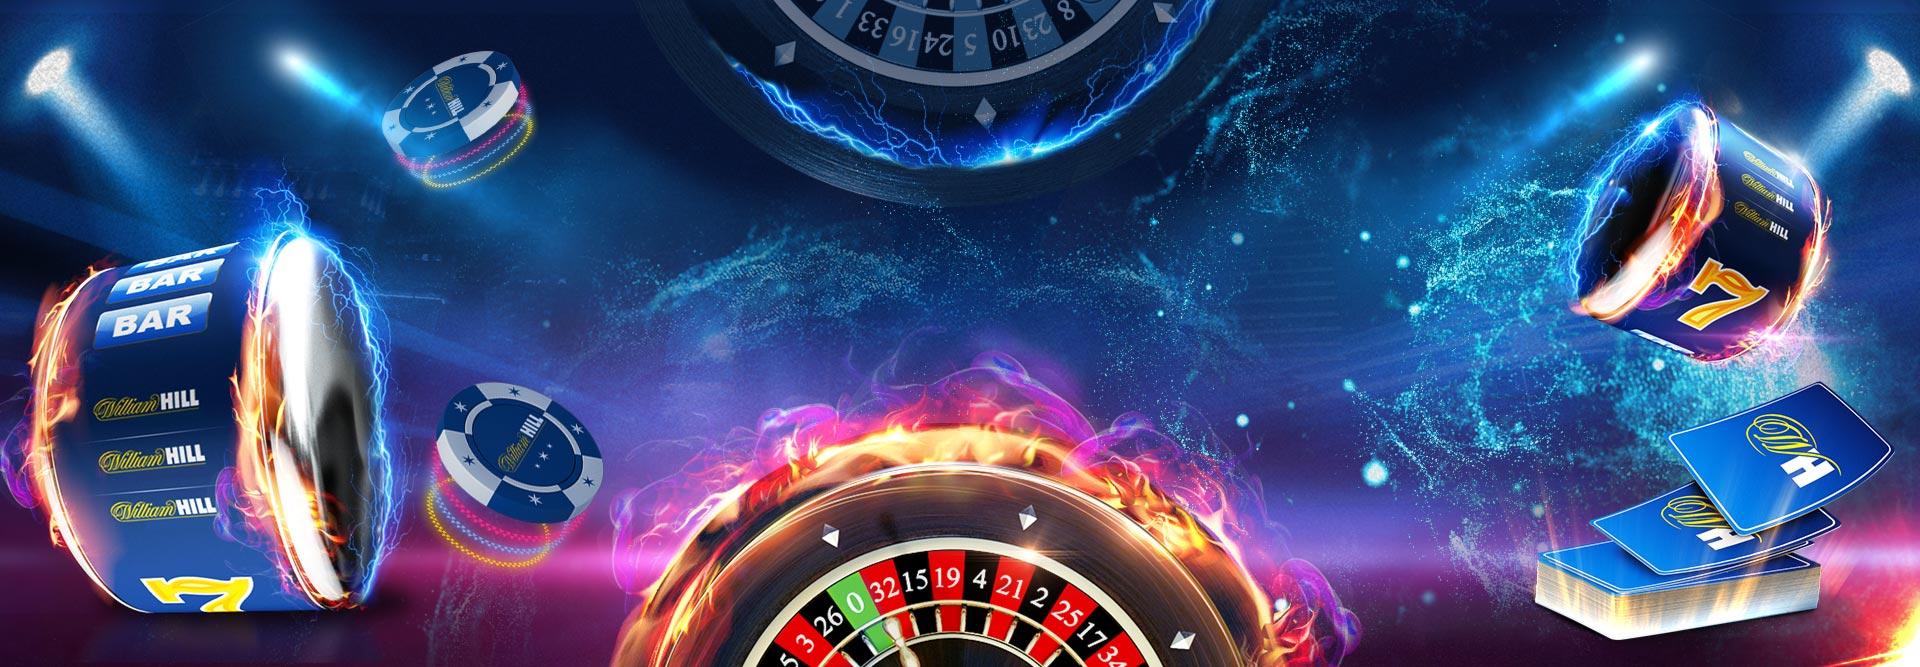 ликвидировали подпольное казино